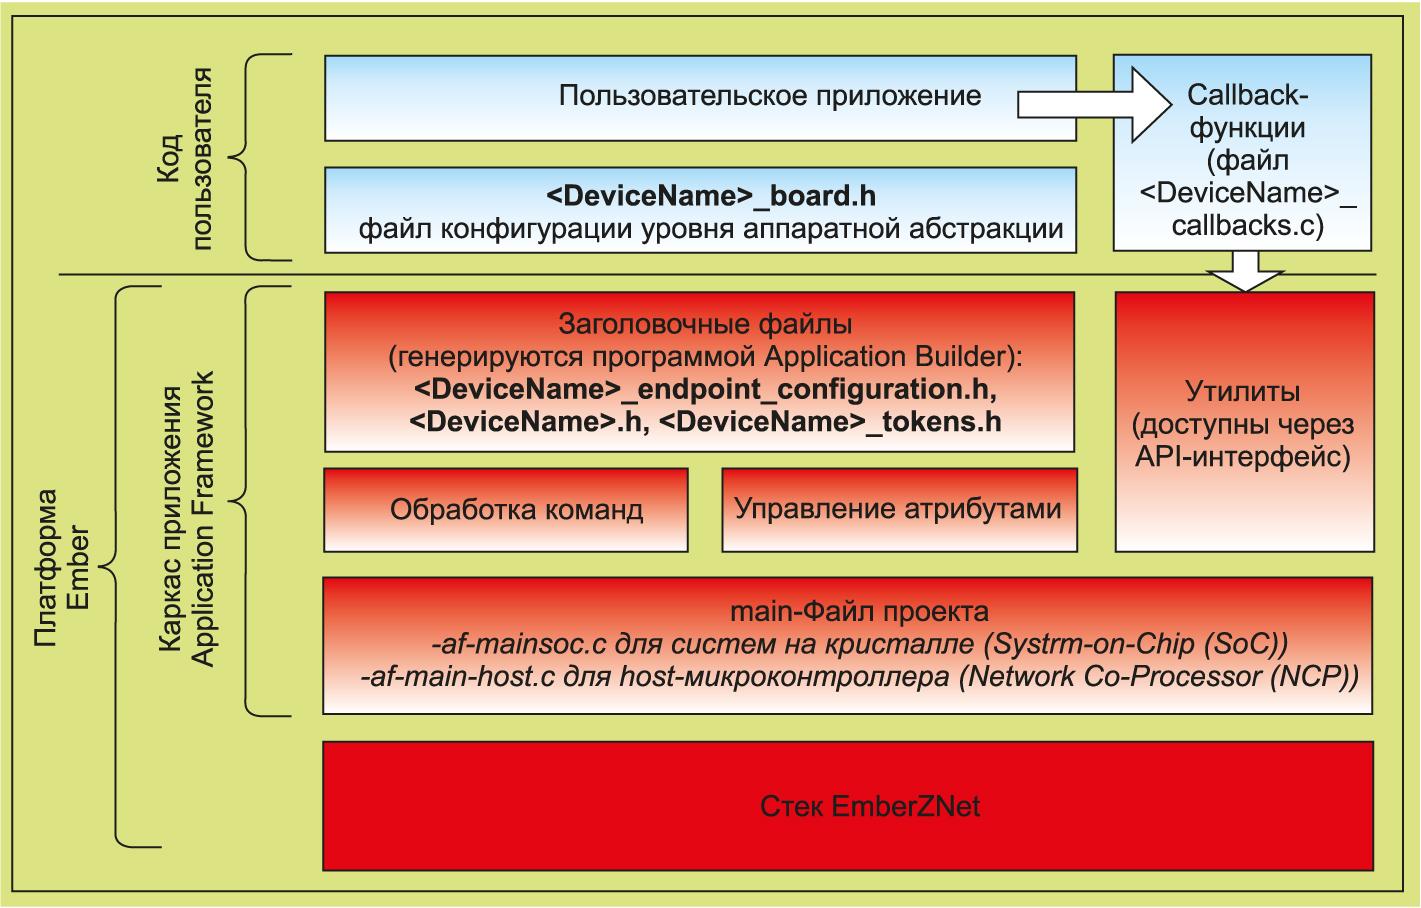 Структура проекта, выполненного на базе платформы Ember